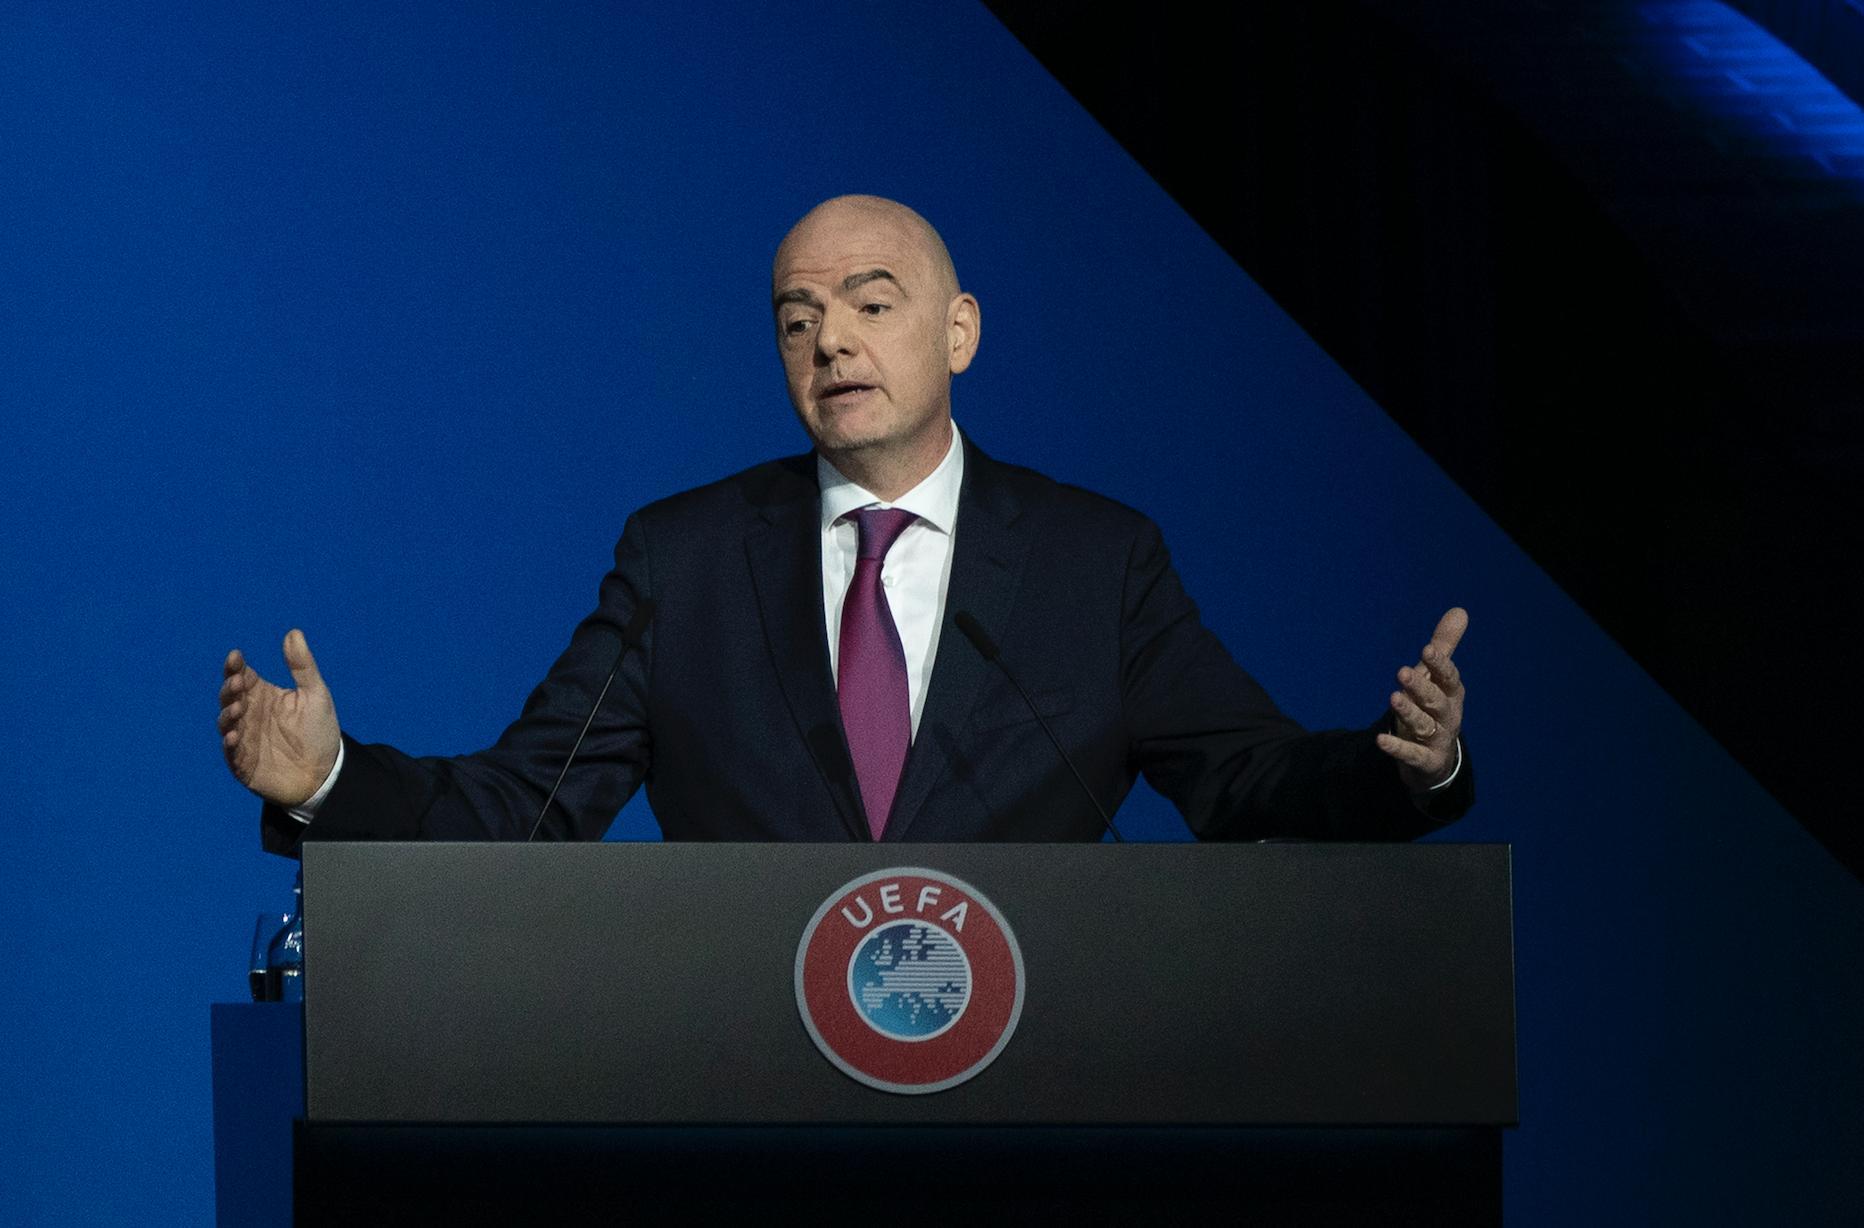 Инфантино останется главой ФИФА, несмотря на разбирательство